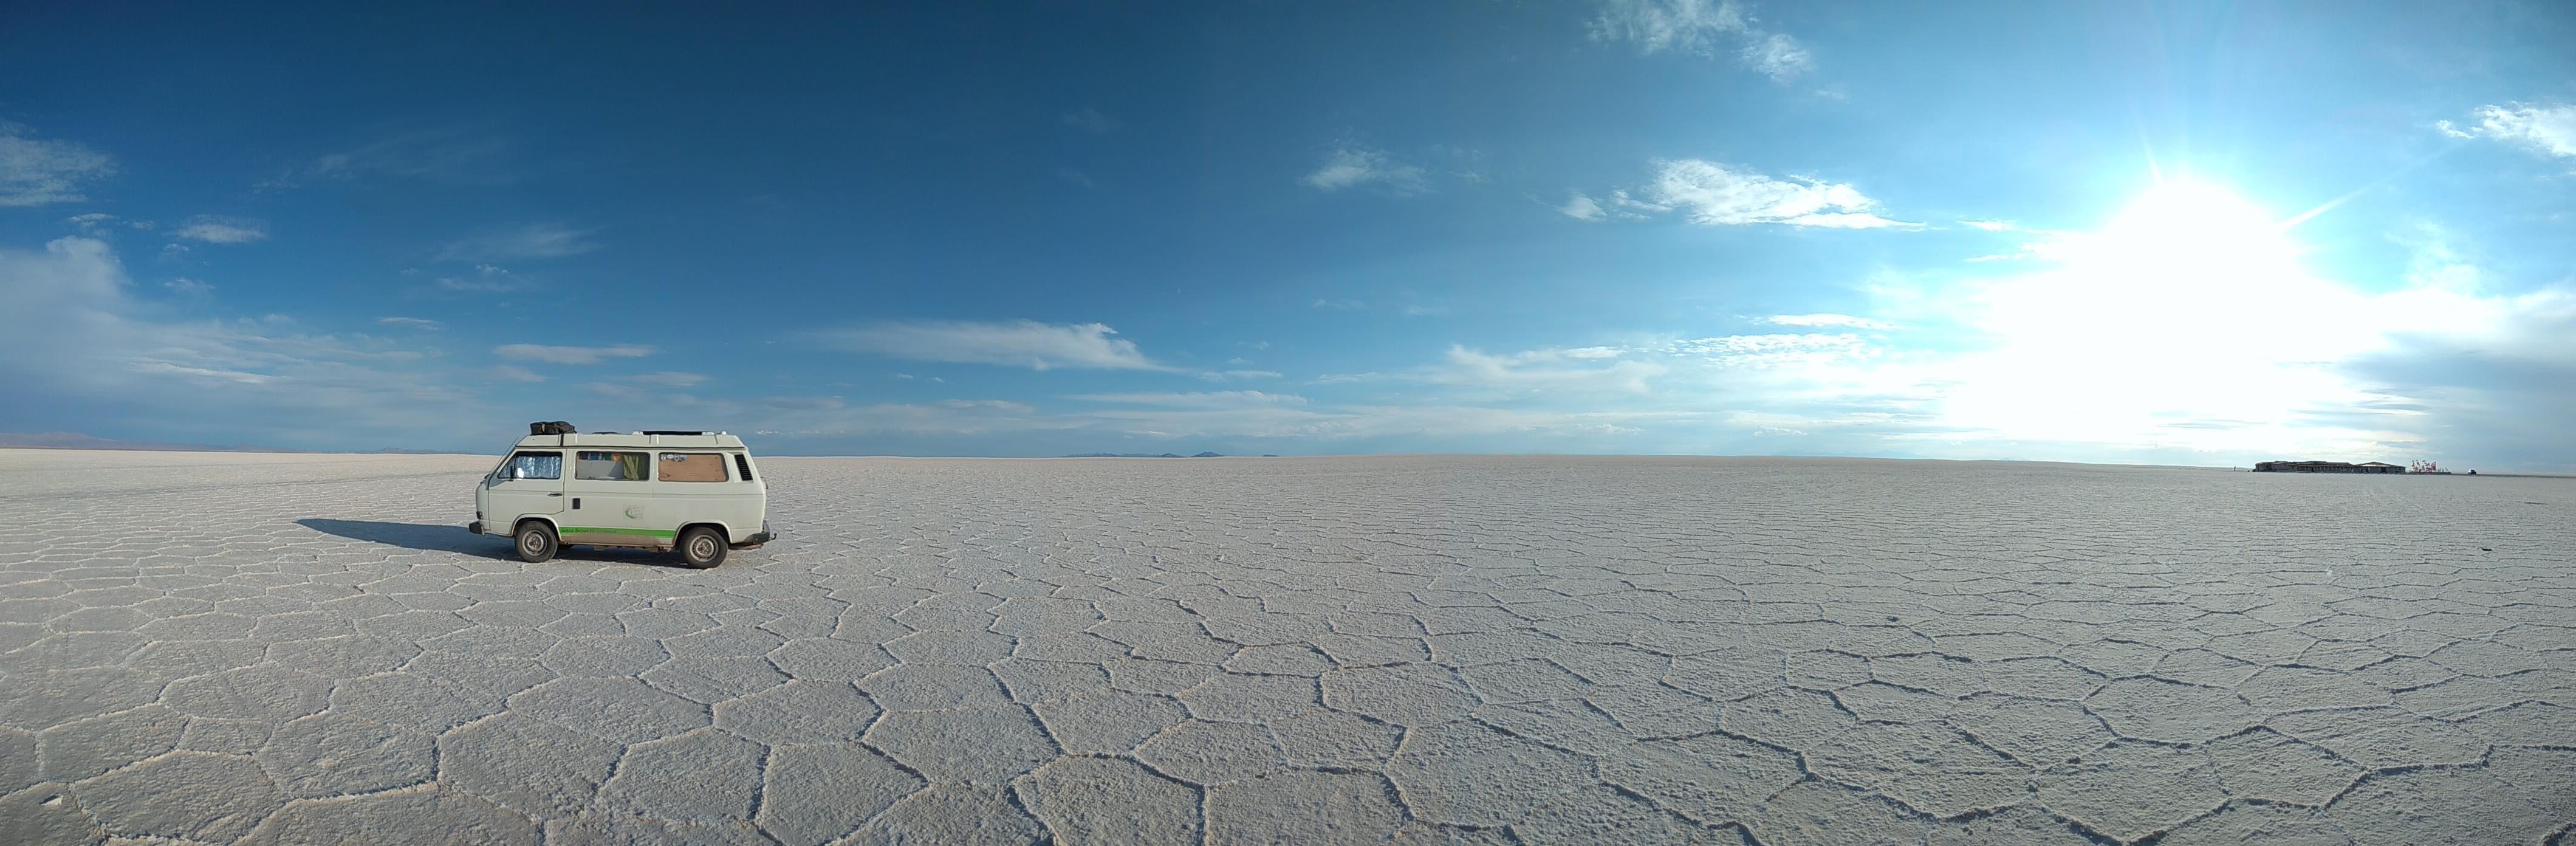 050 1610 Salar de Uyuni Tag 3 5jpeg